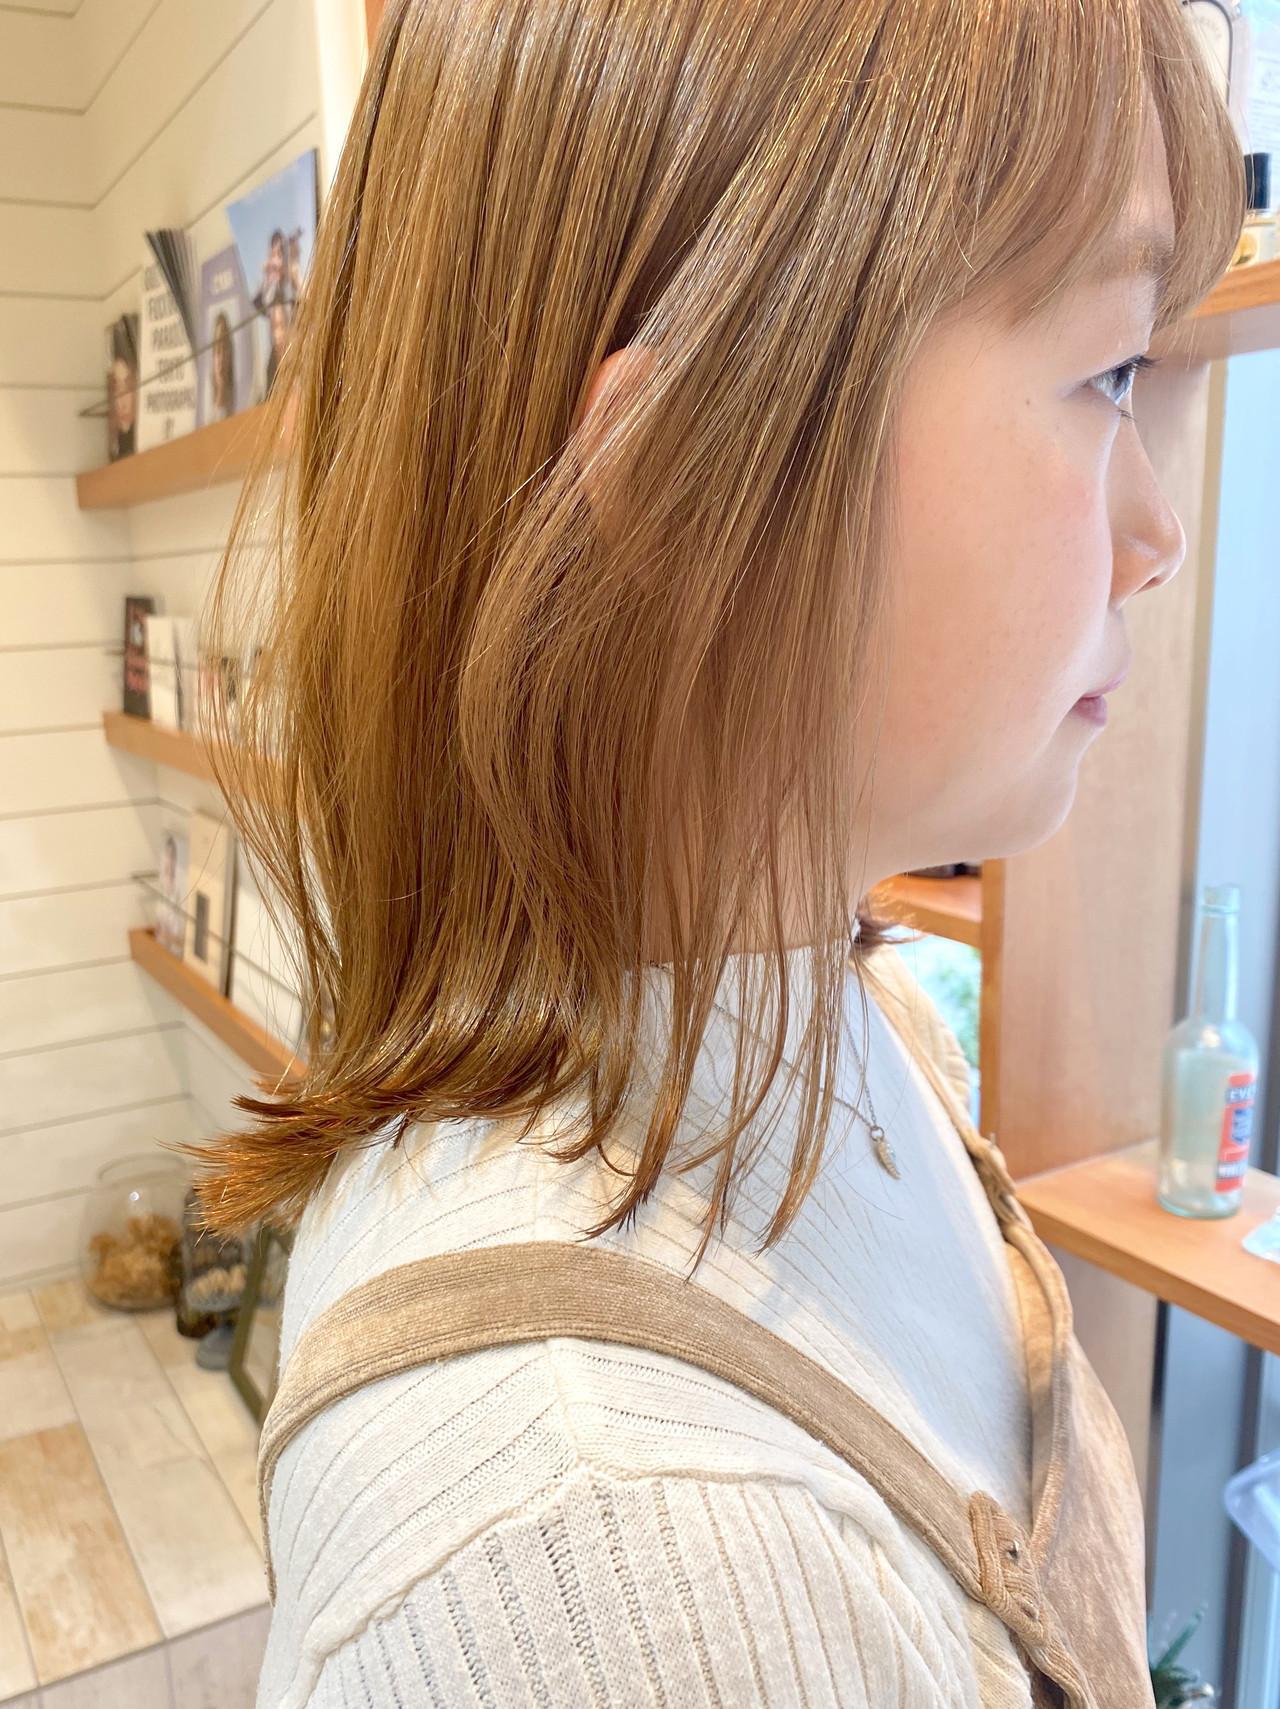 ミルクティーベージュ カジュアル セミロング ベージュカラー ヘアスタイルや髪型の写真・画像